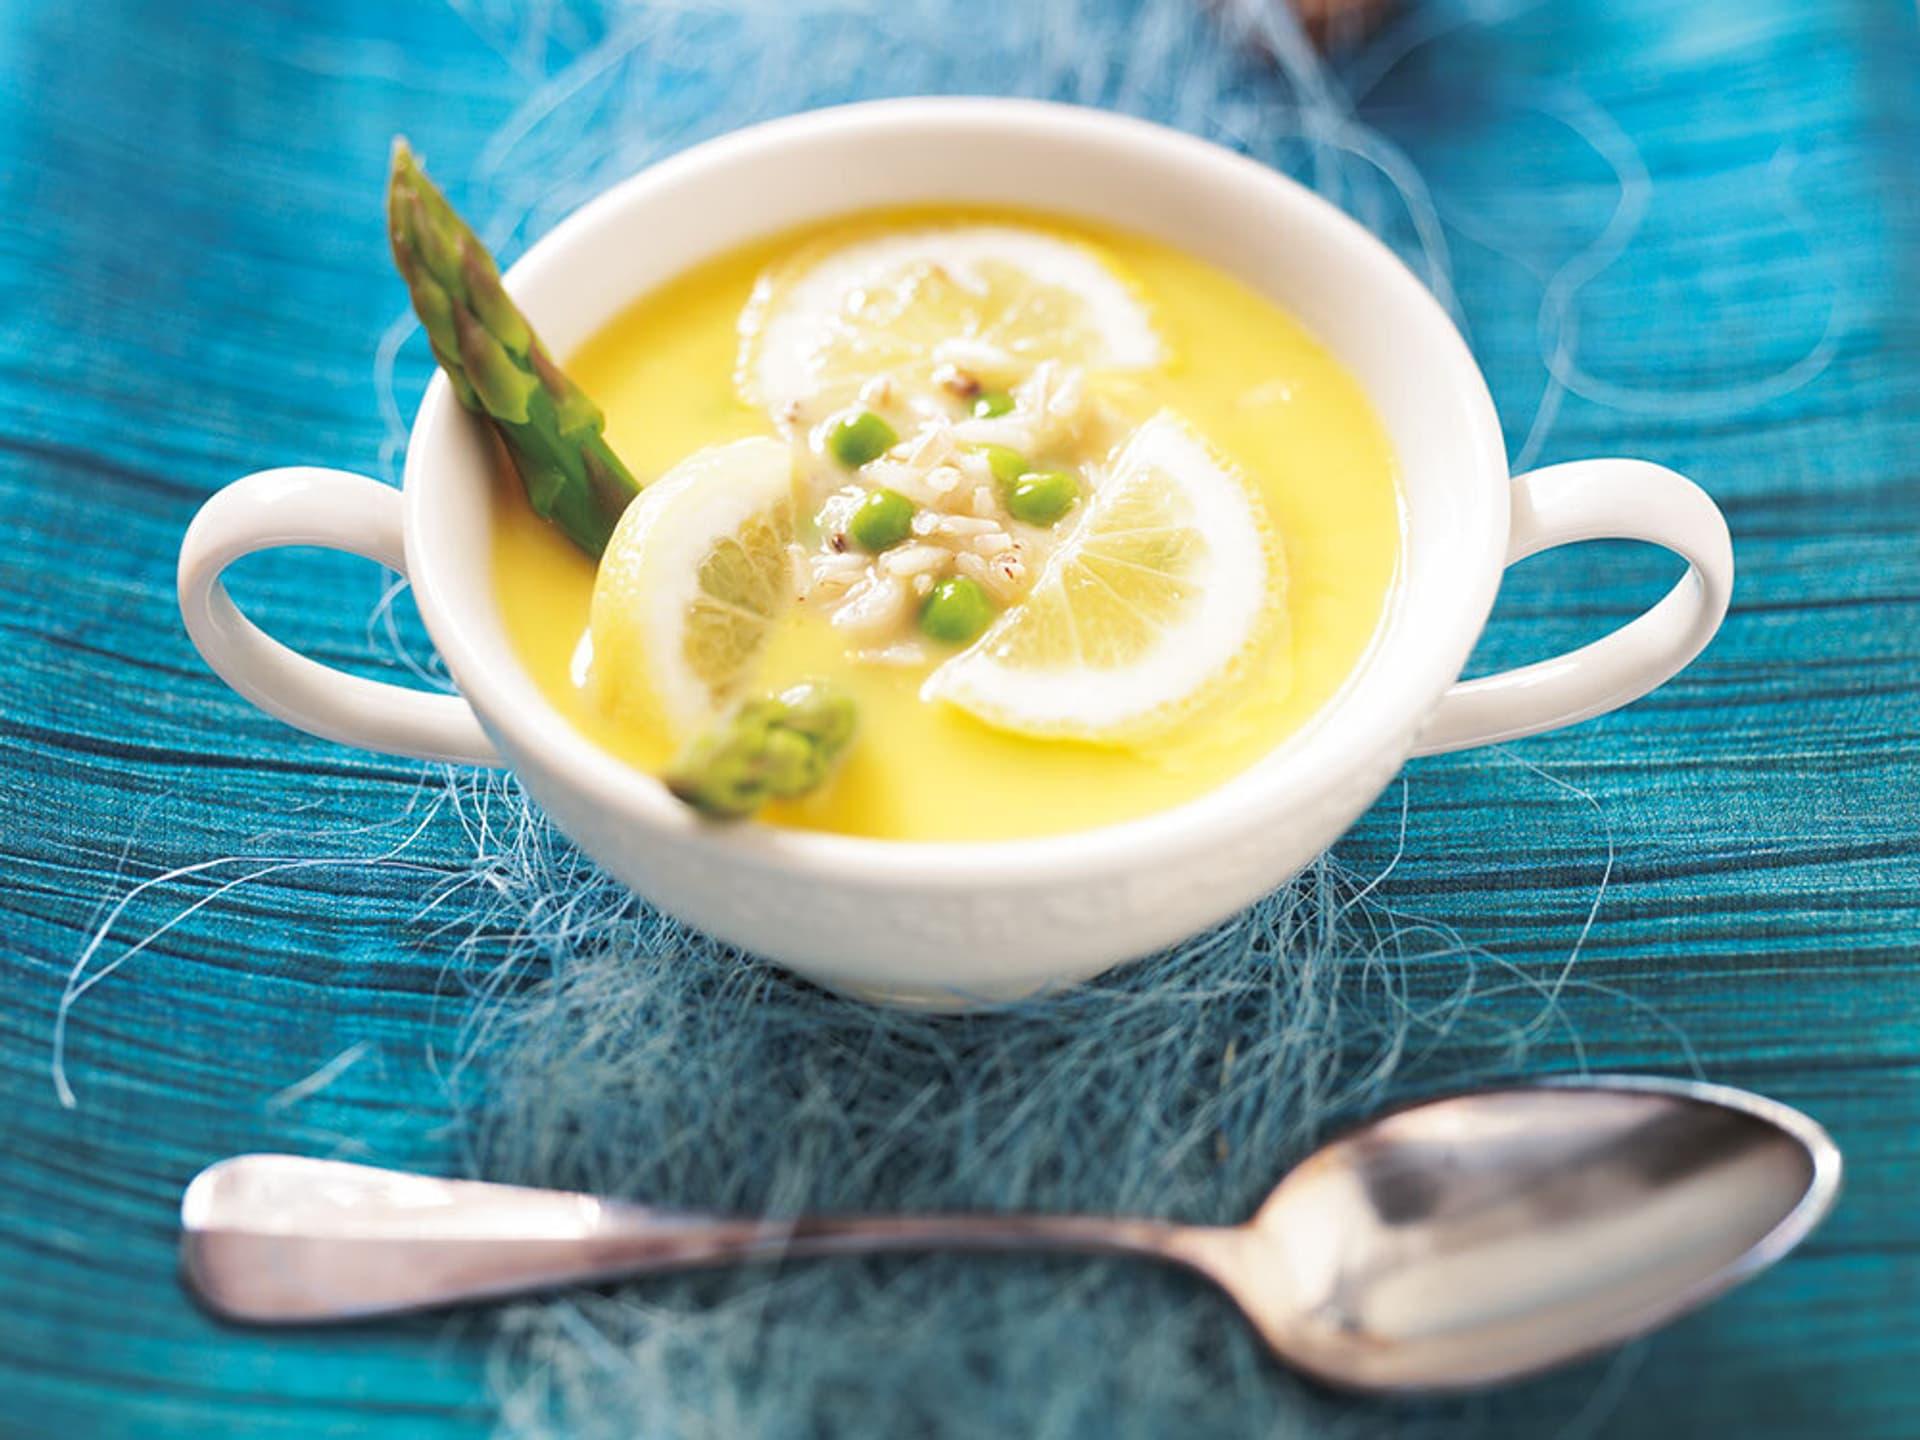 eine gelbe Suppe in einer weißen Suppenschüssel, darin Zitronenscheiben, grüner Spargel und Erbsen